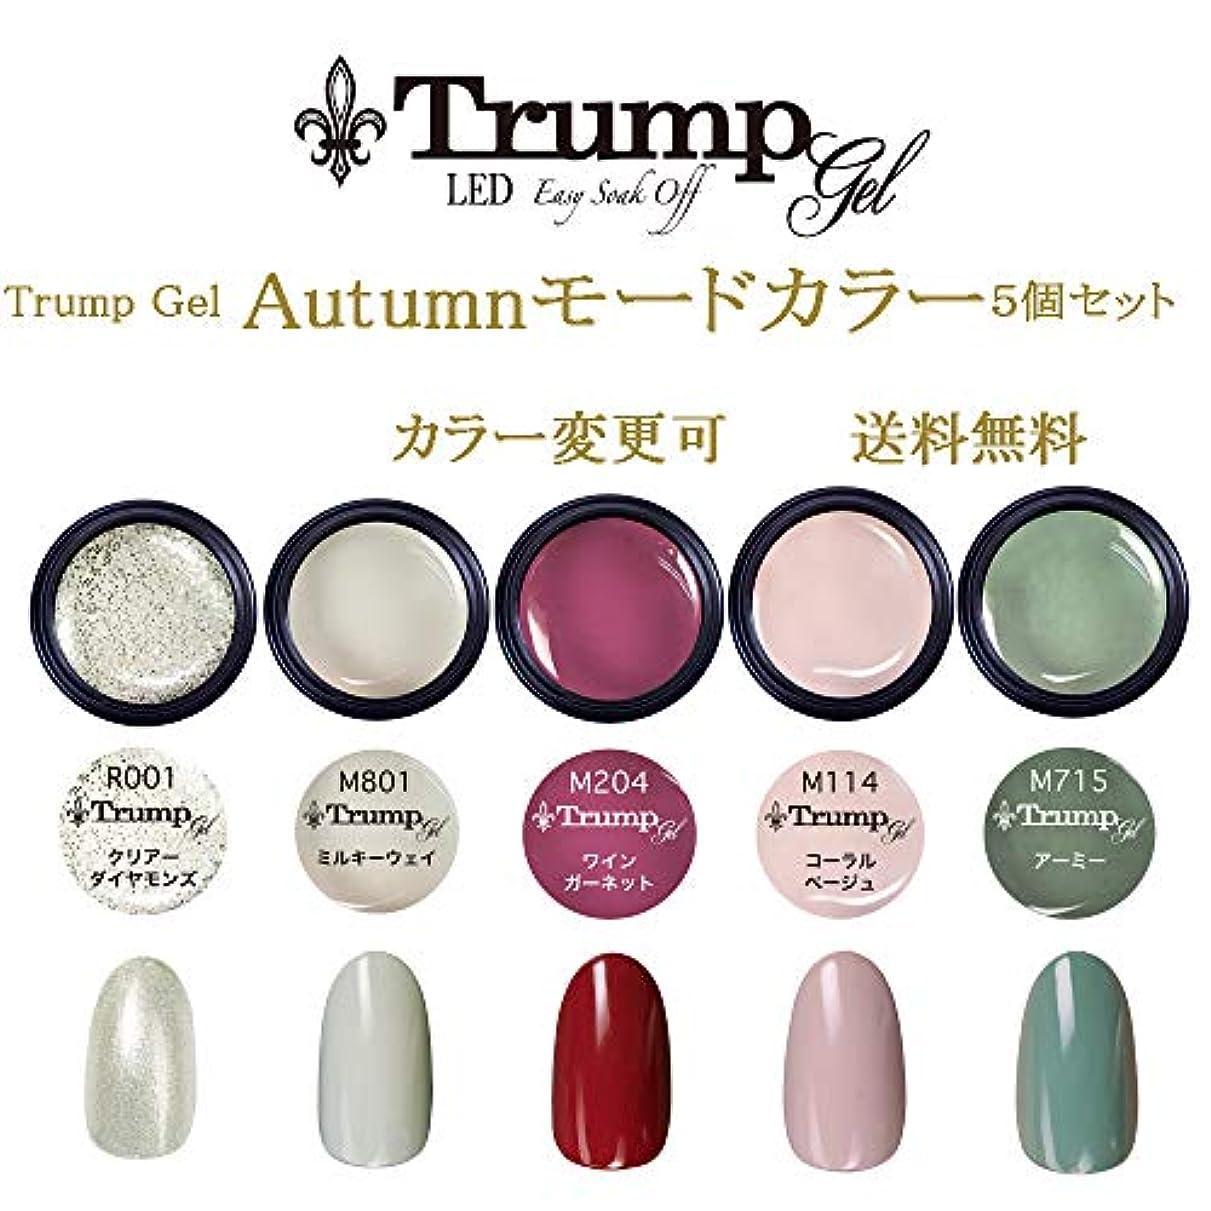 課す従事した秘書【送料無料】日本製 Trump gel トランプジェル オータムモード カラー 選べる カラージェル 5個セット 秋ネイル ベージュ ボルドー カーキ ラメ カラー